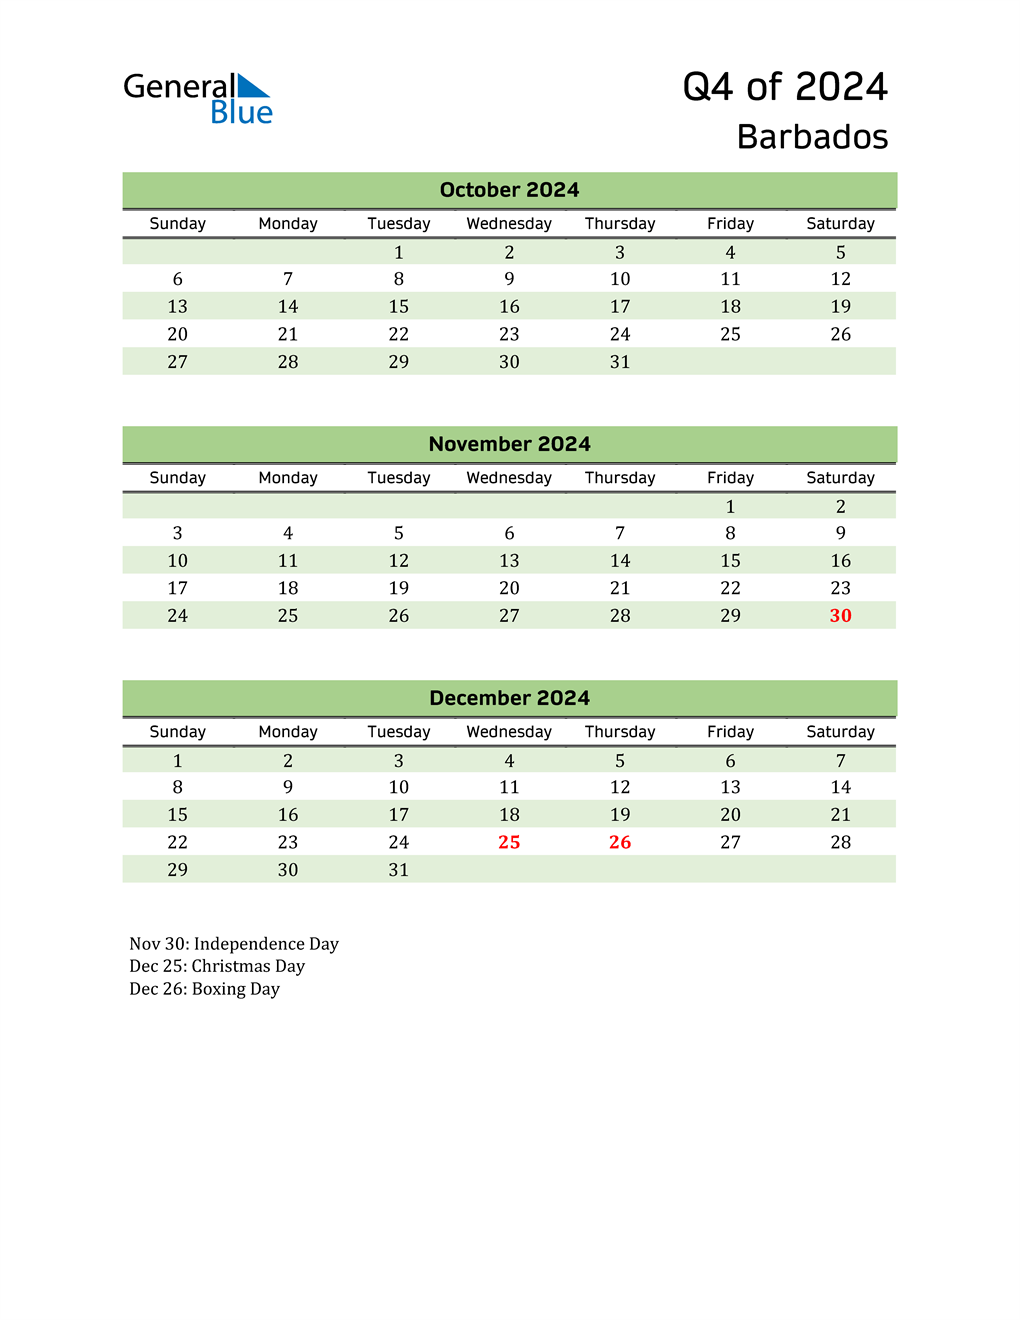 Quarterly Calendar 2024 with Barbados Holidays